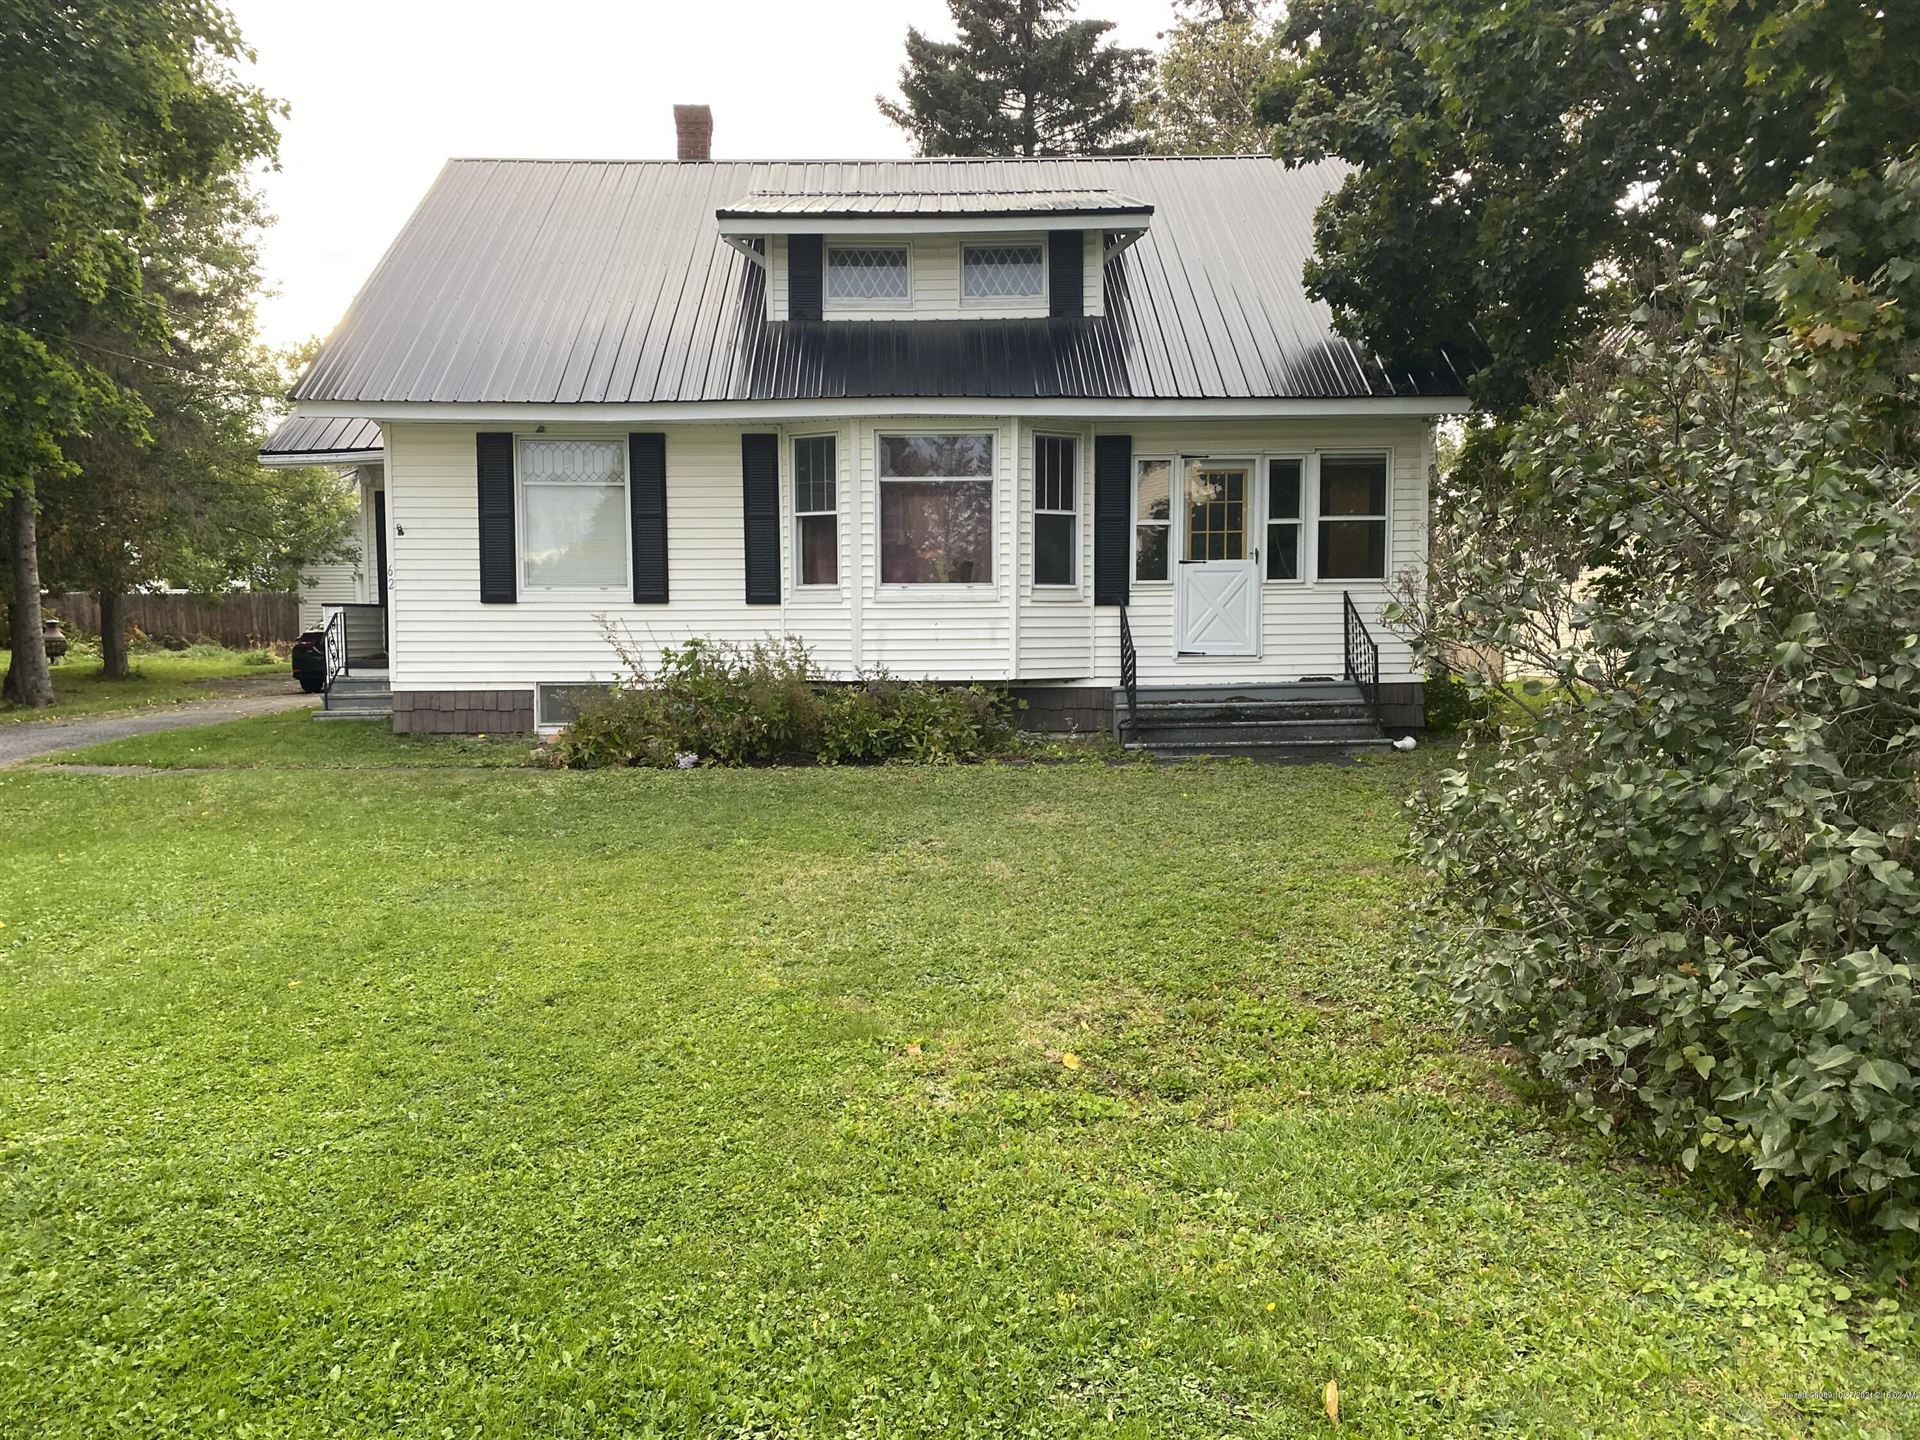 Photo of 62 Elm Street, Fort Fairfield, ME 04742 (MLS # 1510202)